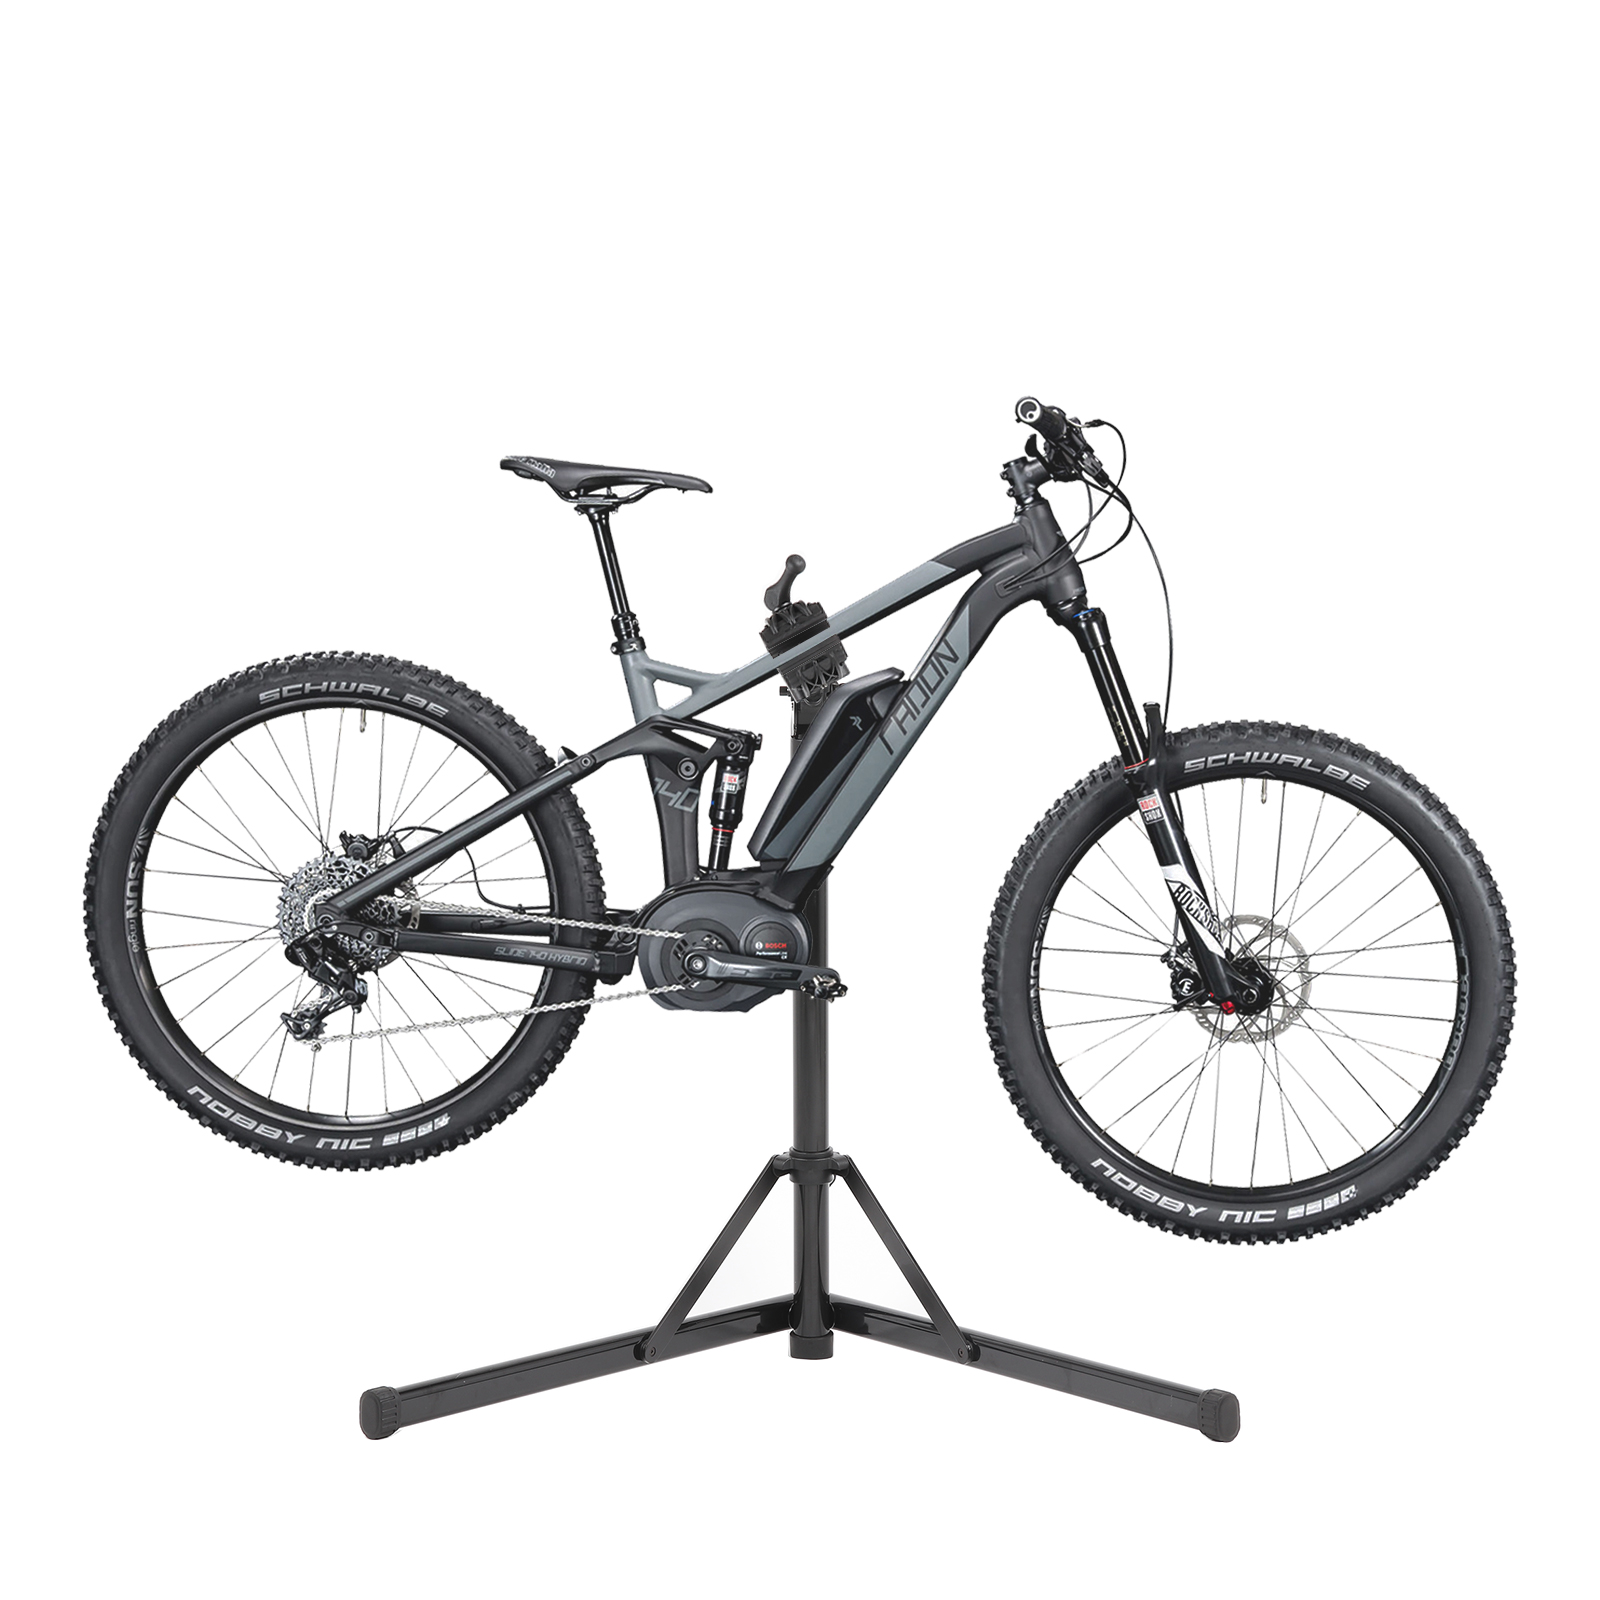 fahrrad montagest nder contec rock steady 30 kg. Black Bedroom Furniture Sets. Home Design Ideas